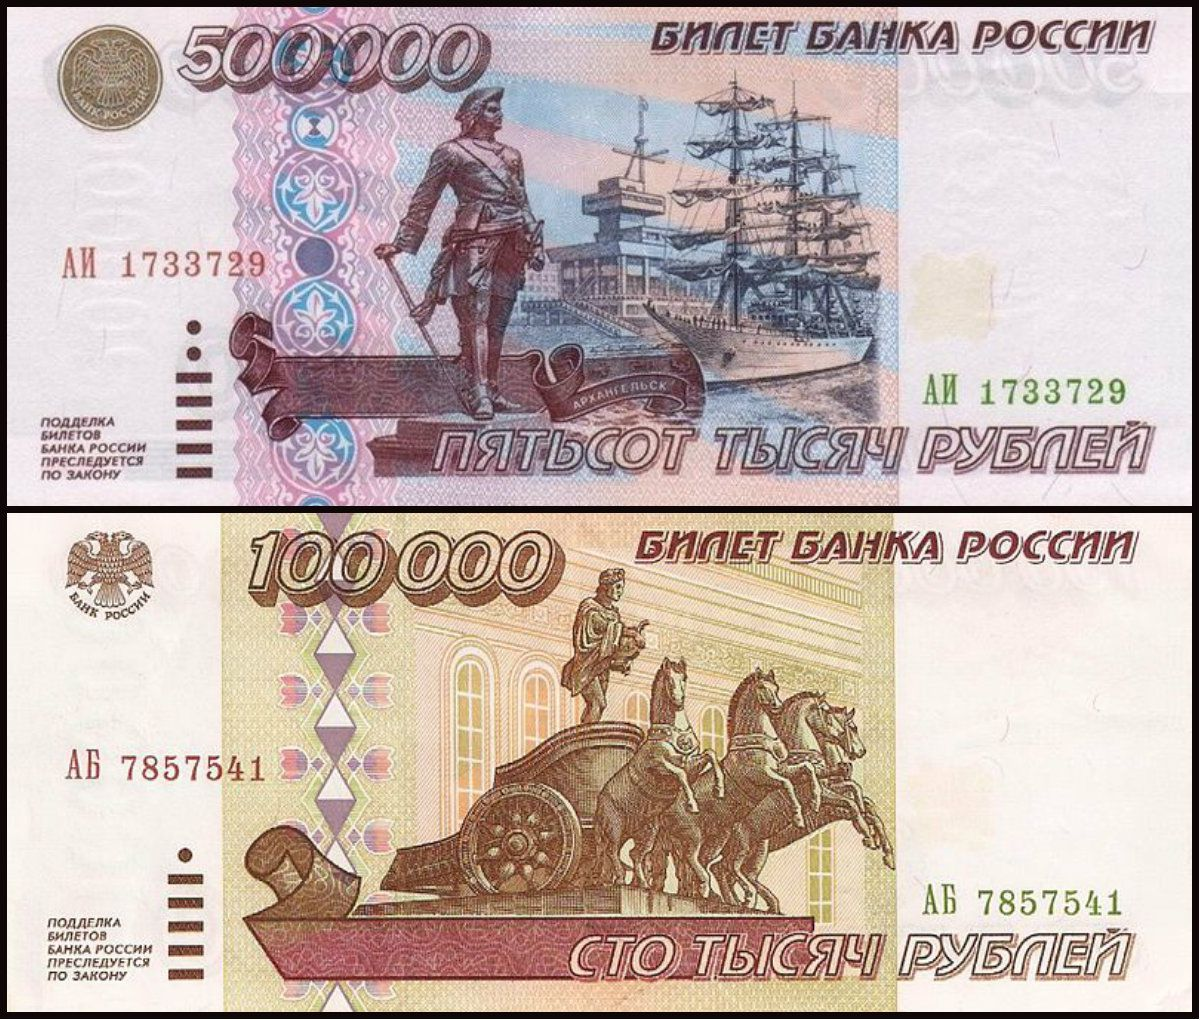 Самая крупная банкнота россии 50 копеек 2003 года стоимость